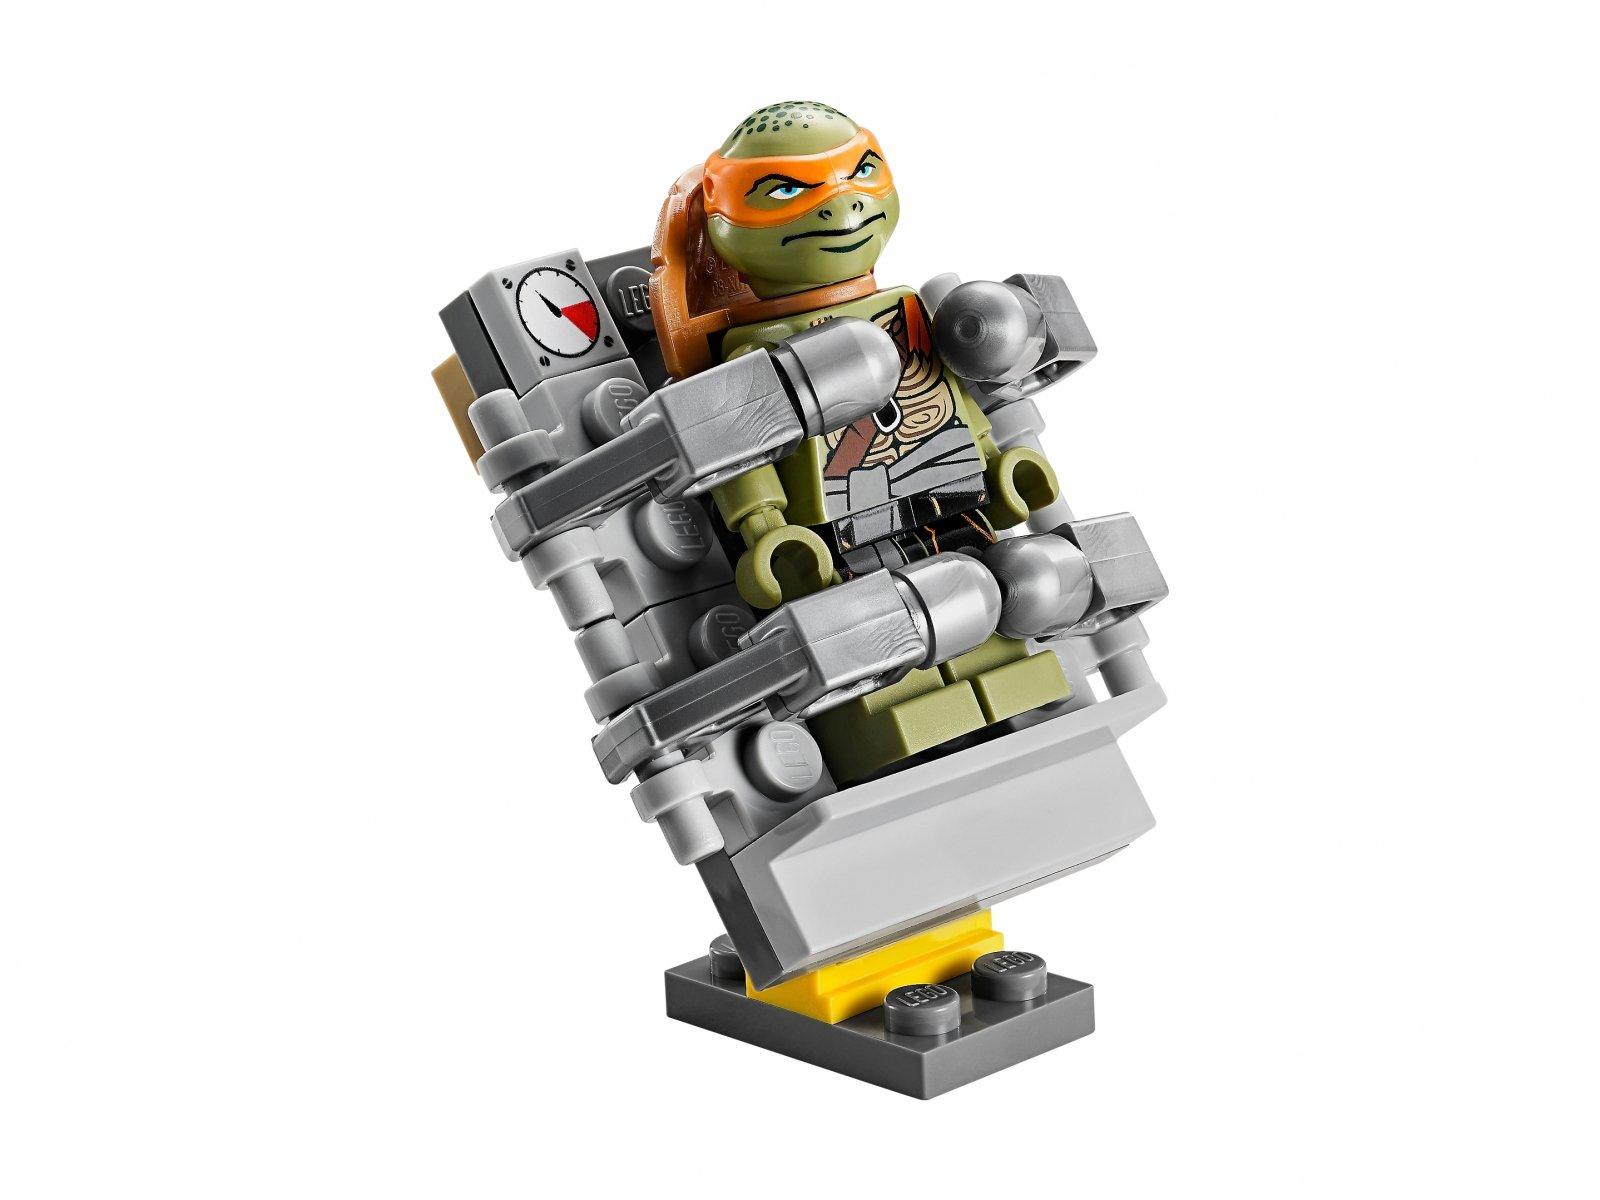 LEGO Teenage Mutant Ninja Turtles™ Furgonetka żółwi